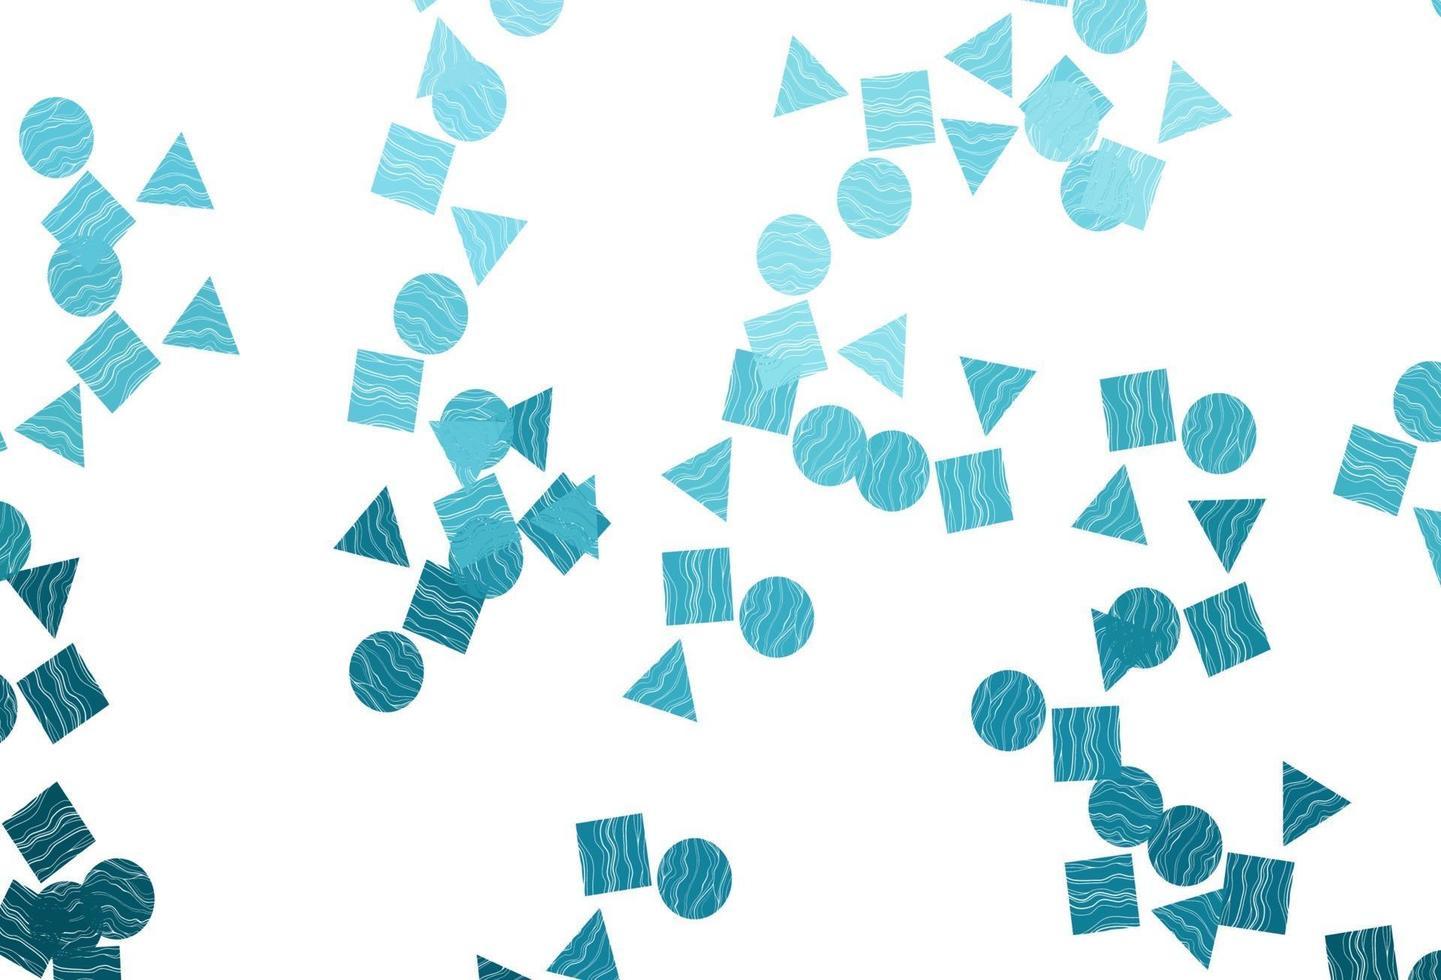 fundo vector azul claro com triângulos, círculos, cubos.